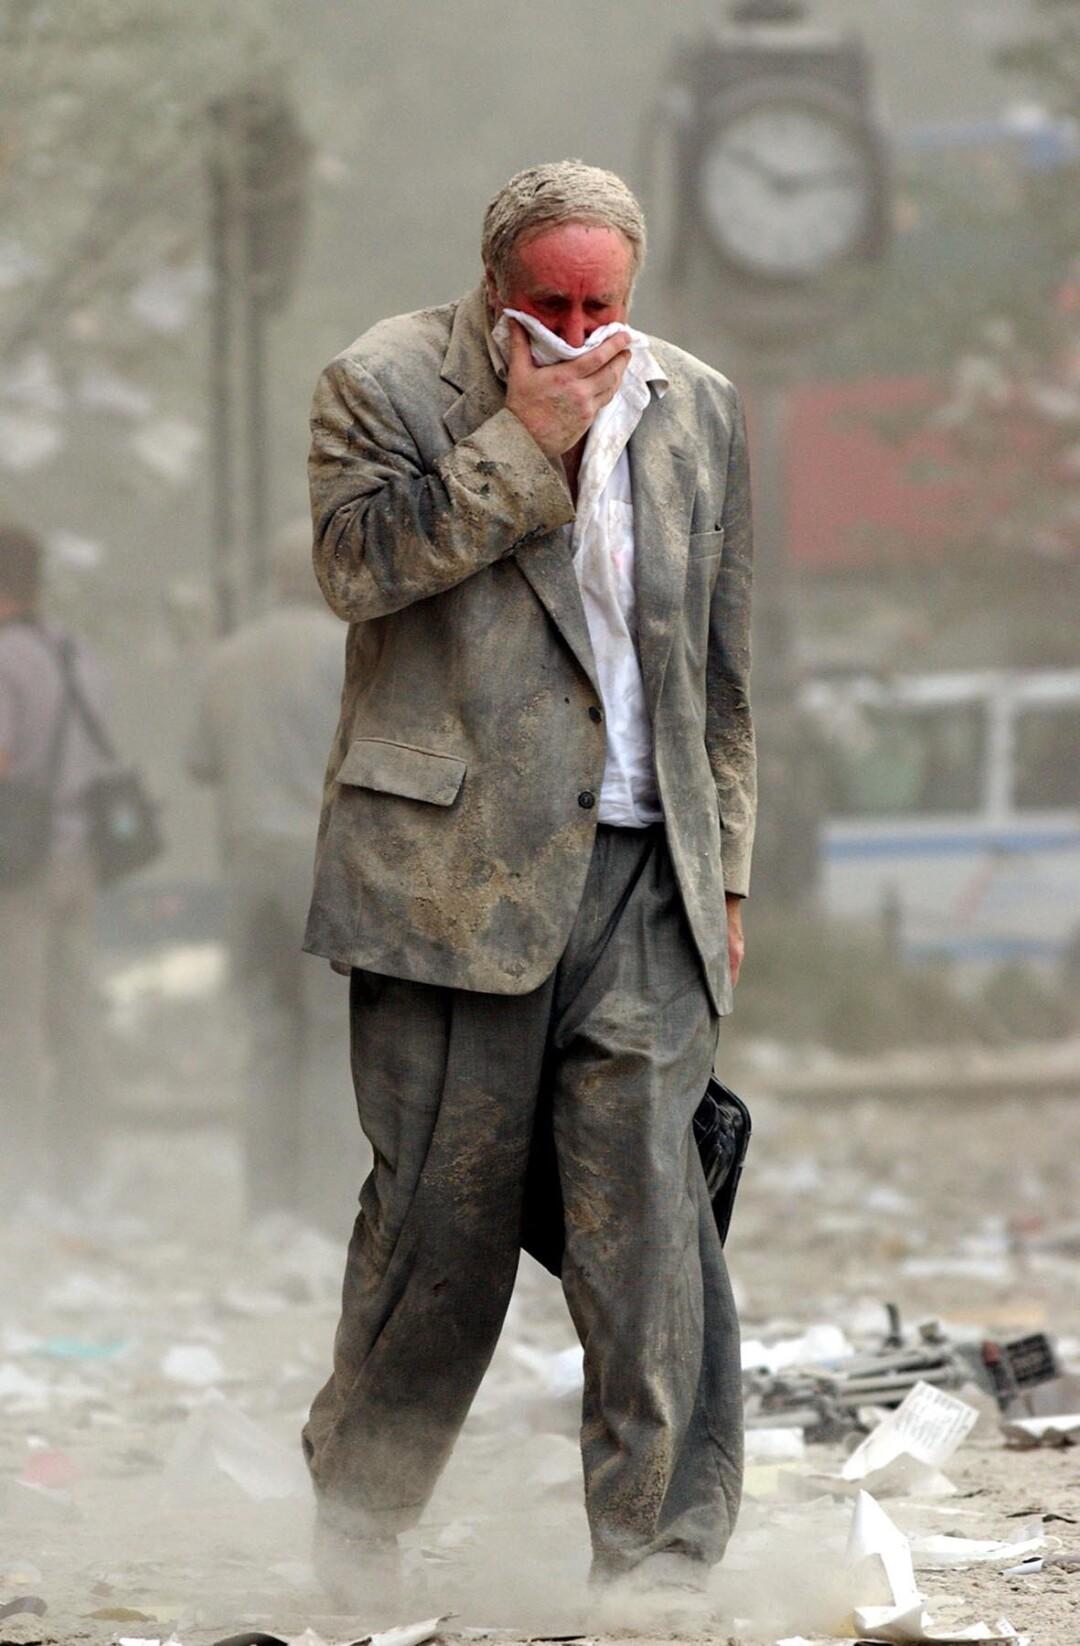 مردی هنگام عبور از میان گرد و خاک و آوار دهان خود را می پوشاند